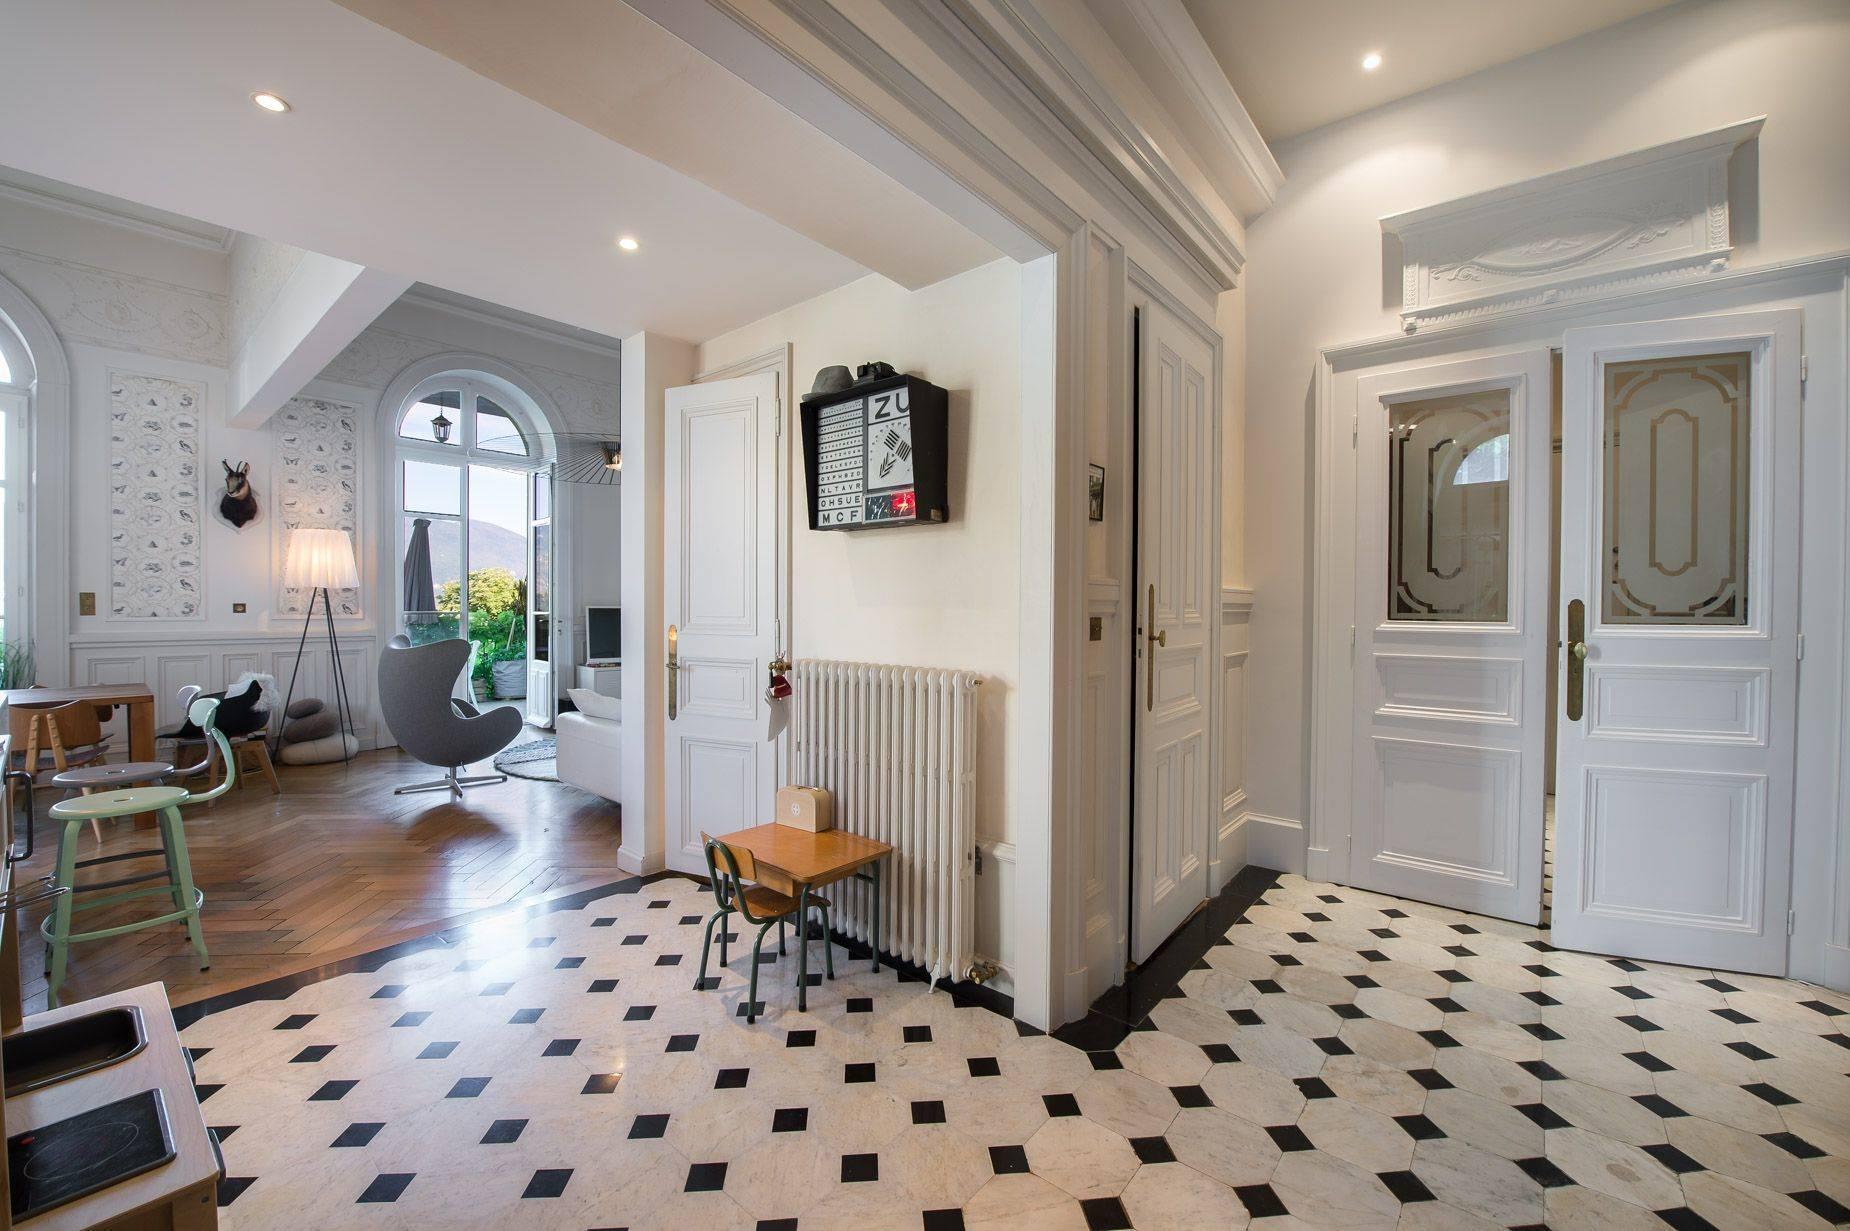 La Maison Du Carrelage Et Sanitaire Balma mcf carrelage | venus et judes